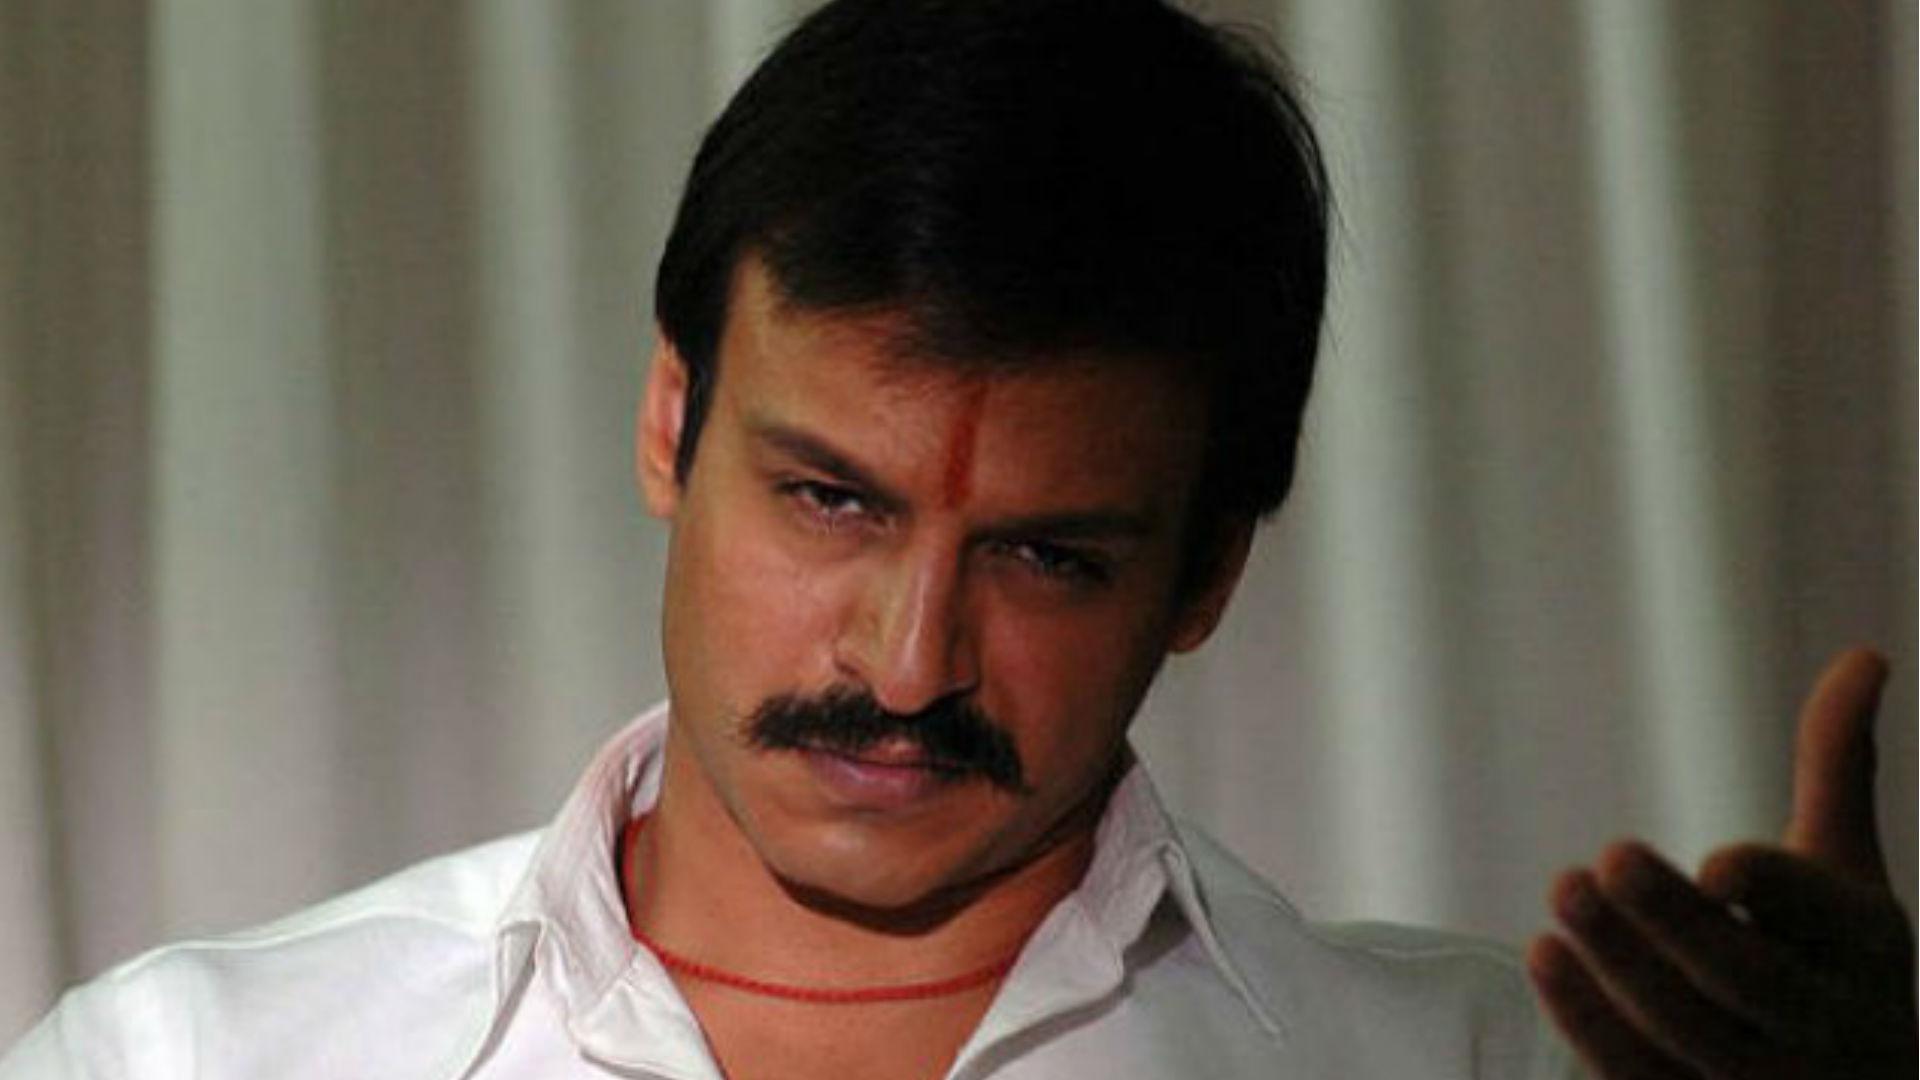 ऐश्वर्या राय पर ट्वीट कर घिरे विवेक ओबेरॉय, अभिनेता के खिलाफ कार्रवाई की तैयारी में महाराष्ट्र महिला आयोग